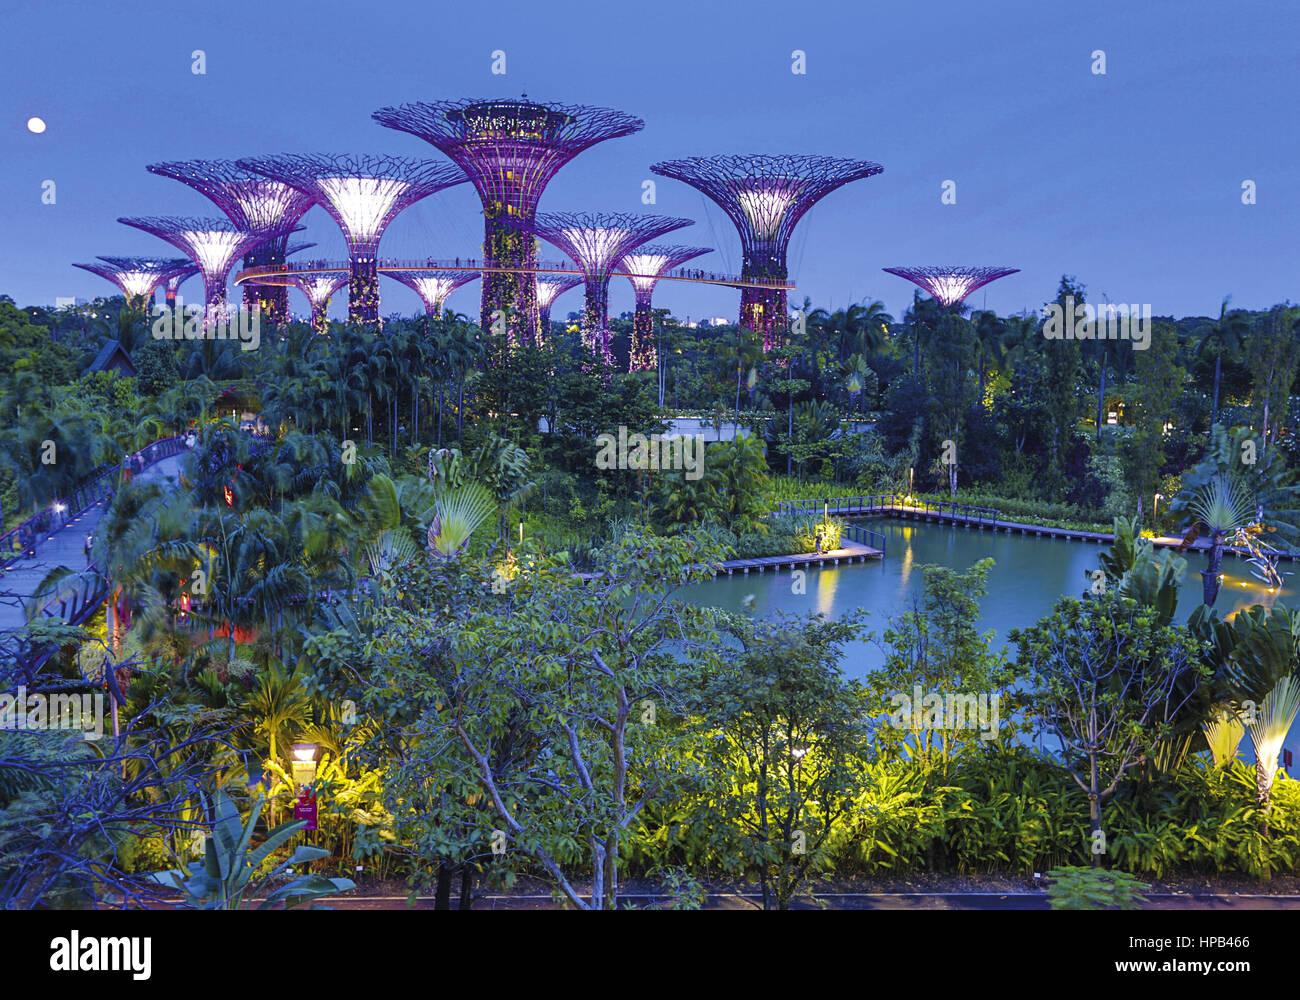 Singapur Botanischer Garten Stock Photo Royalty Free Image